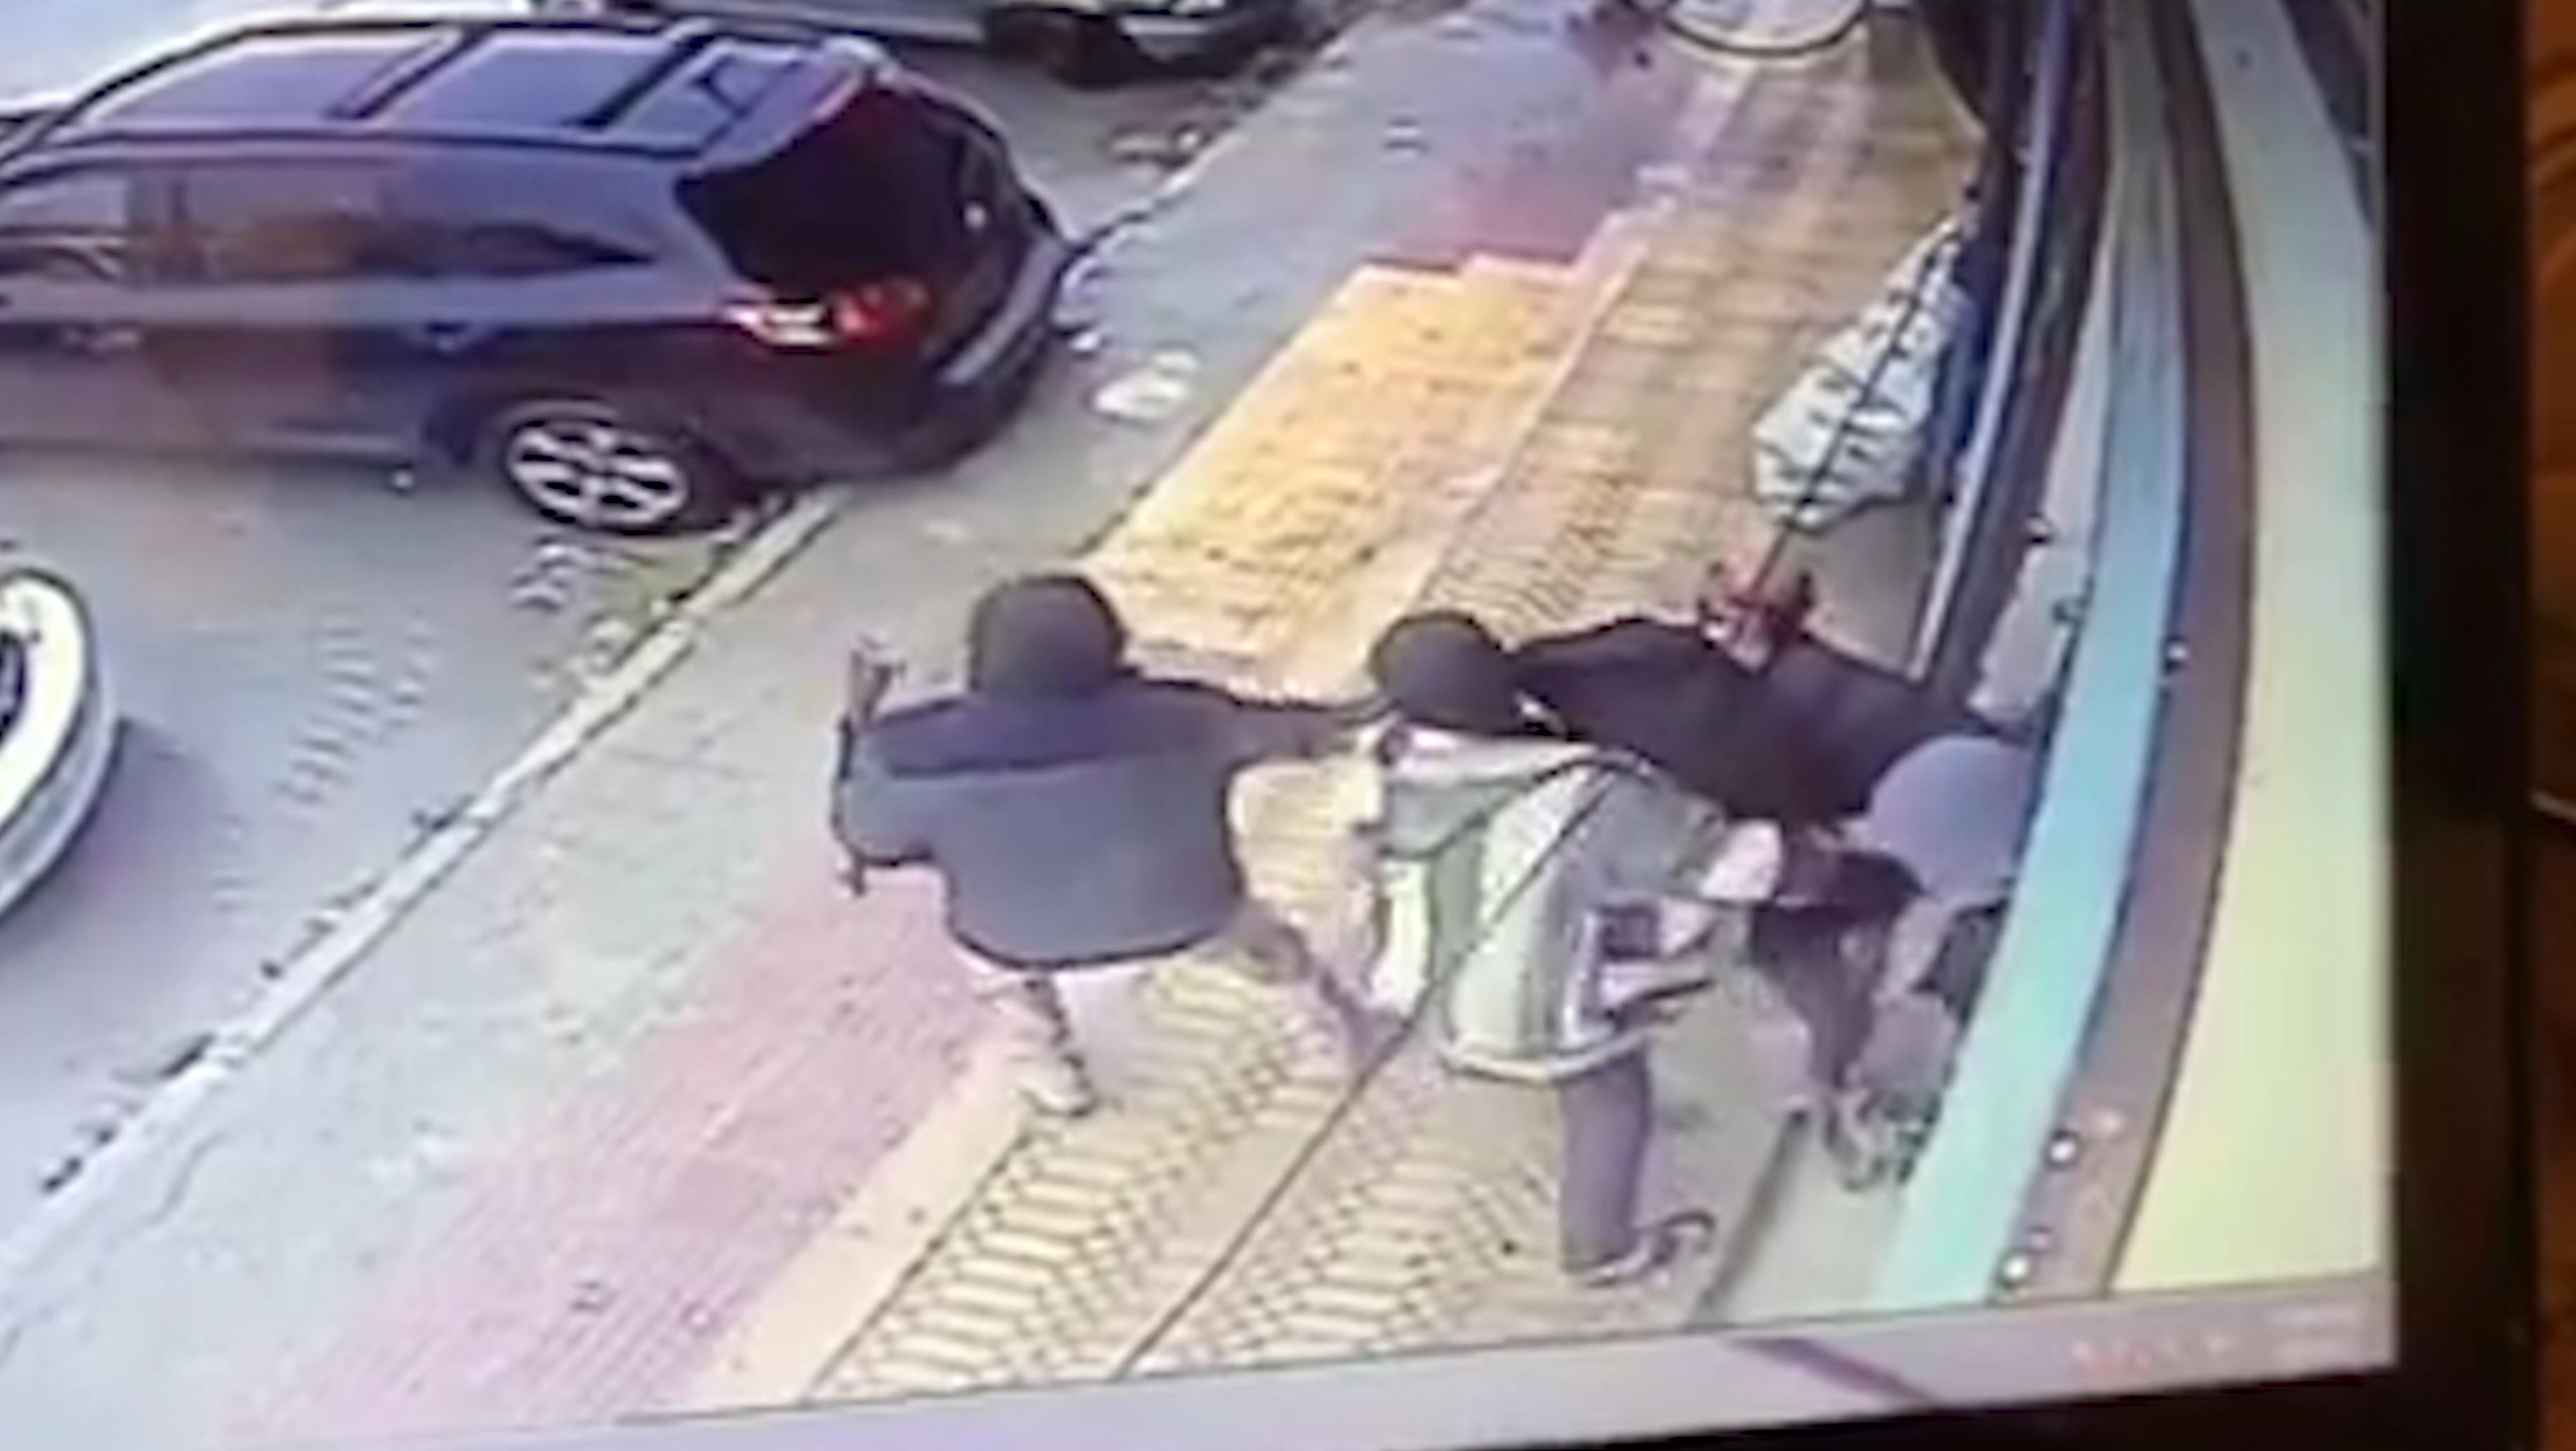 مهاجمة مسن أمام وكالة بنكية بتيزنيت وسرقة أمواله